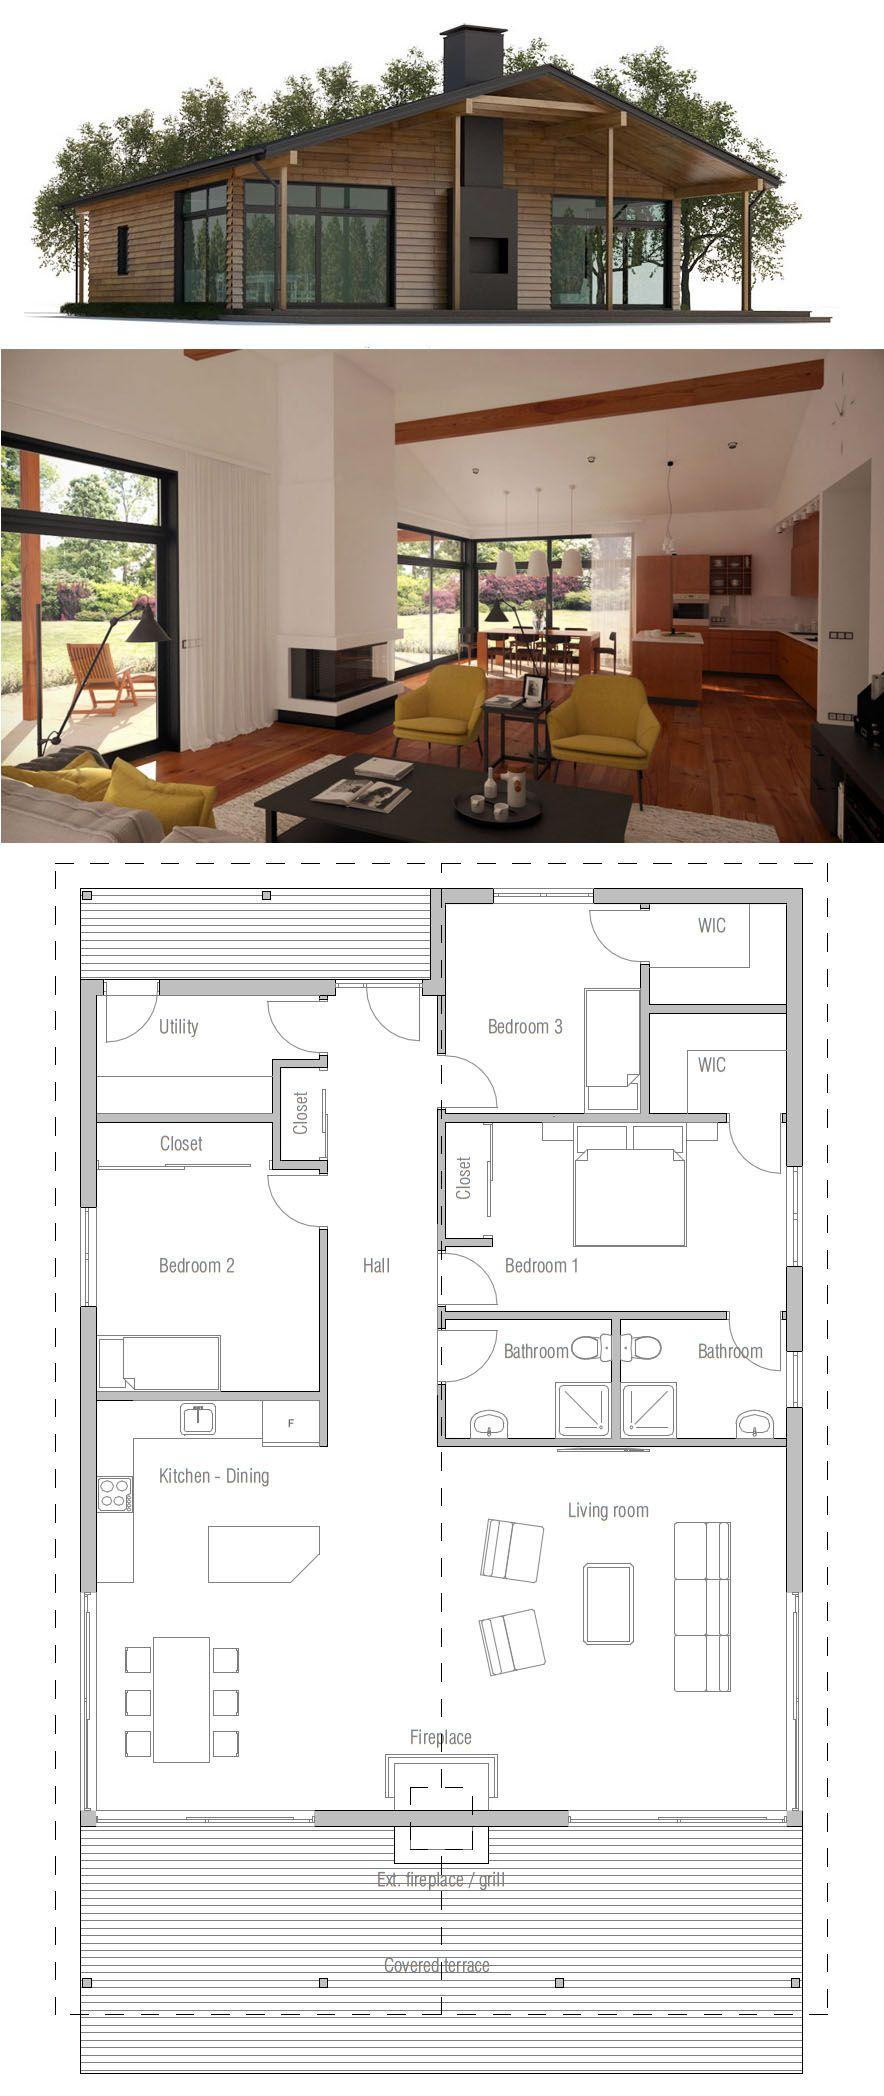 Plan De Maison Maison Maison Modernes Petite Maison Arkitekt